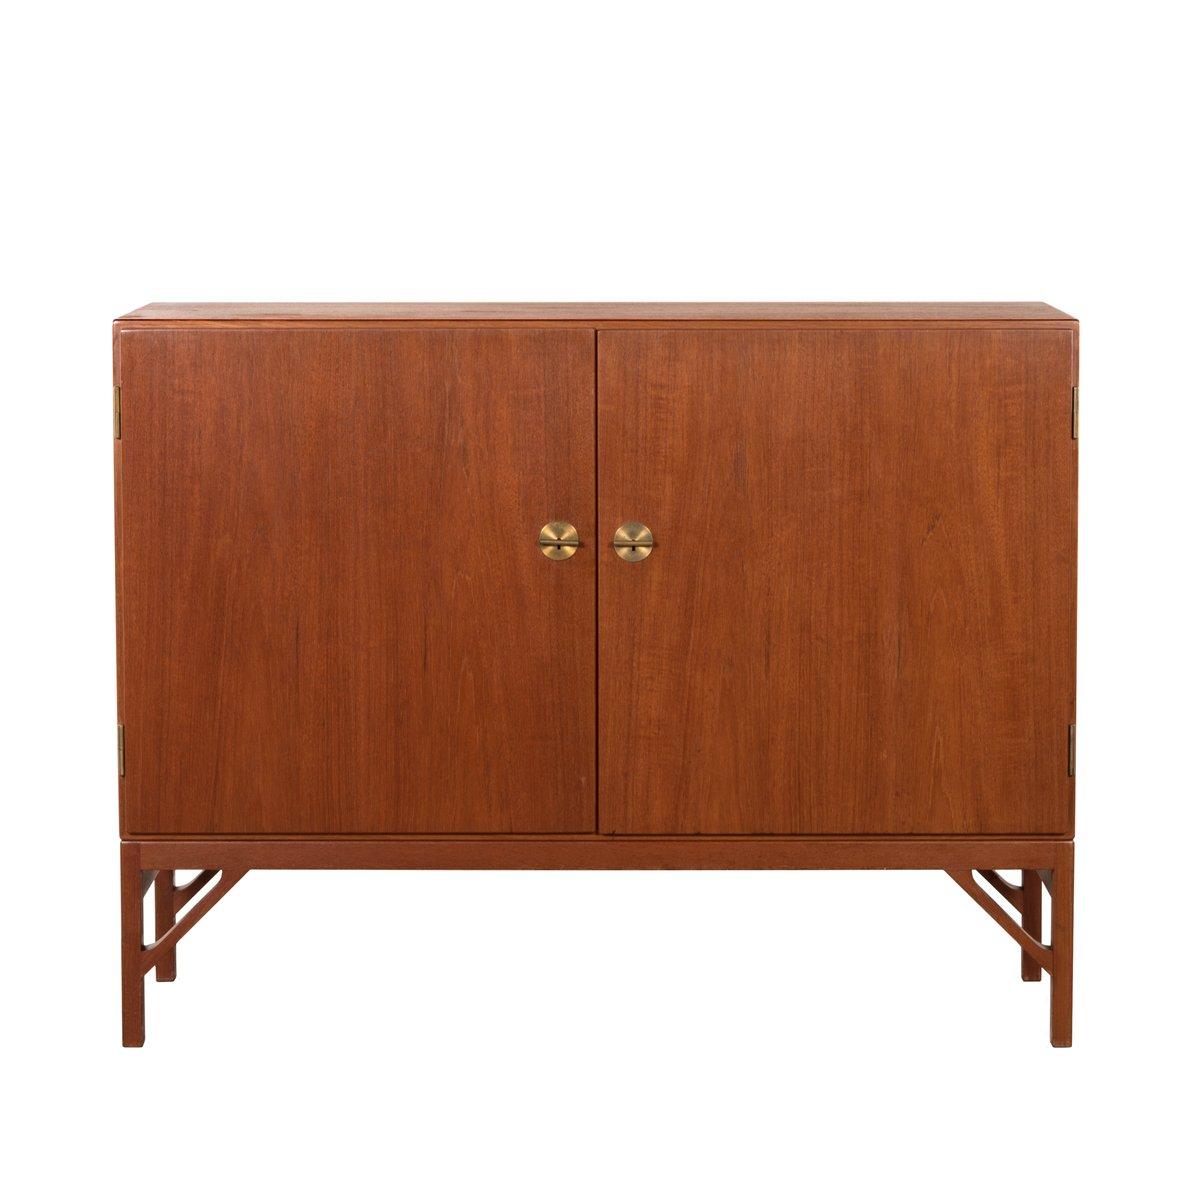 Vintage teak m232 cabinet by b rge mogensen for fdb for for Sideboard 3 meter lang